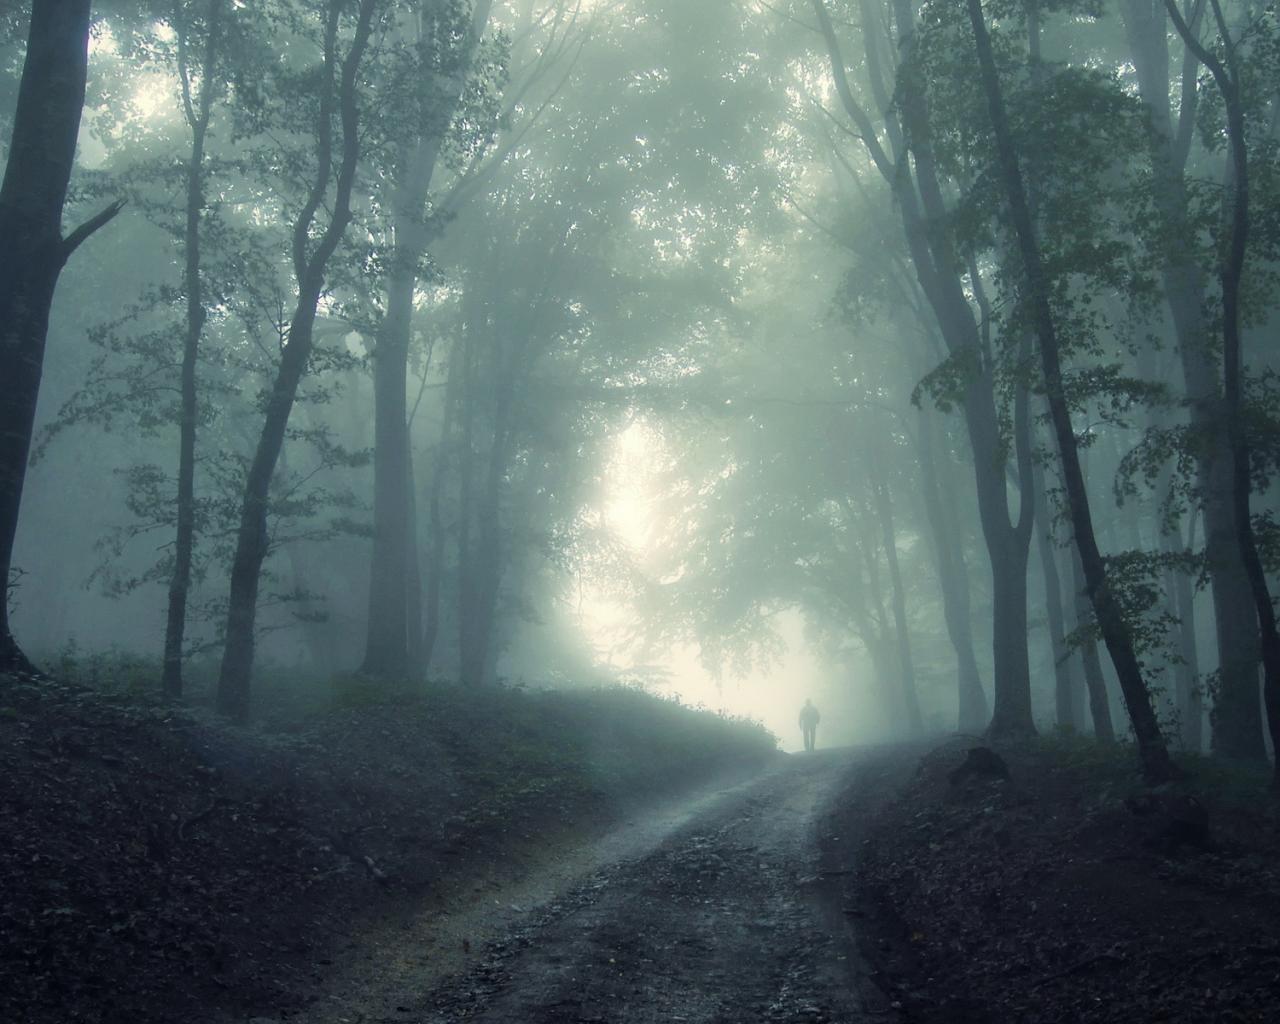 Лес туман деревья дорога обои для